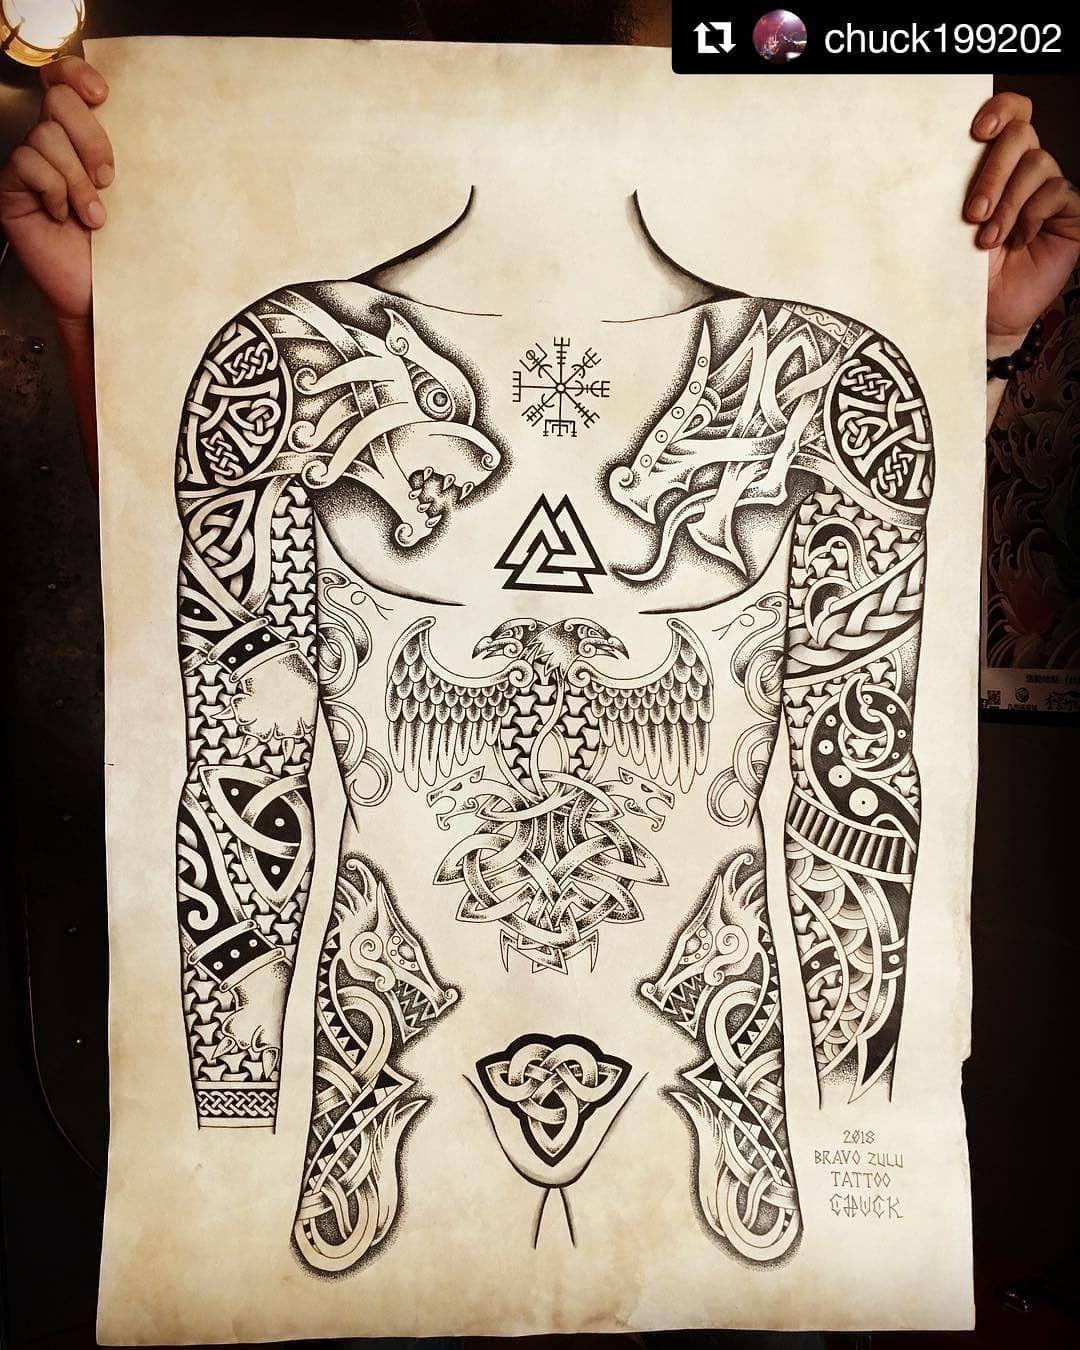 86kbest Viking Tattoo Art On Instagram Tattoo Artist Ig Chuck199202 Chuck199202 Tattoo Studio Bravo Zulu In 2020 Wikinger Tattoos Wikinger Tattoo Runentattoo